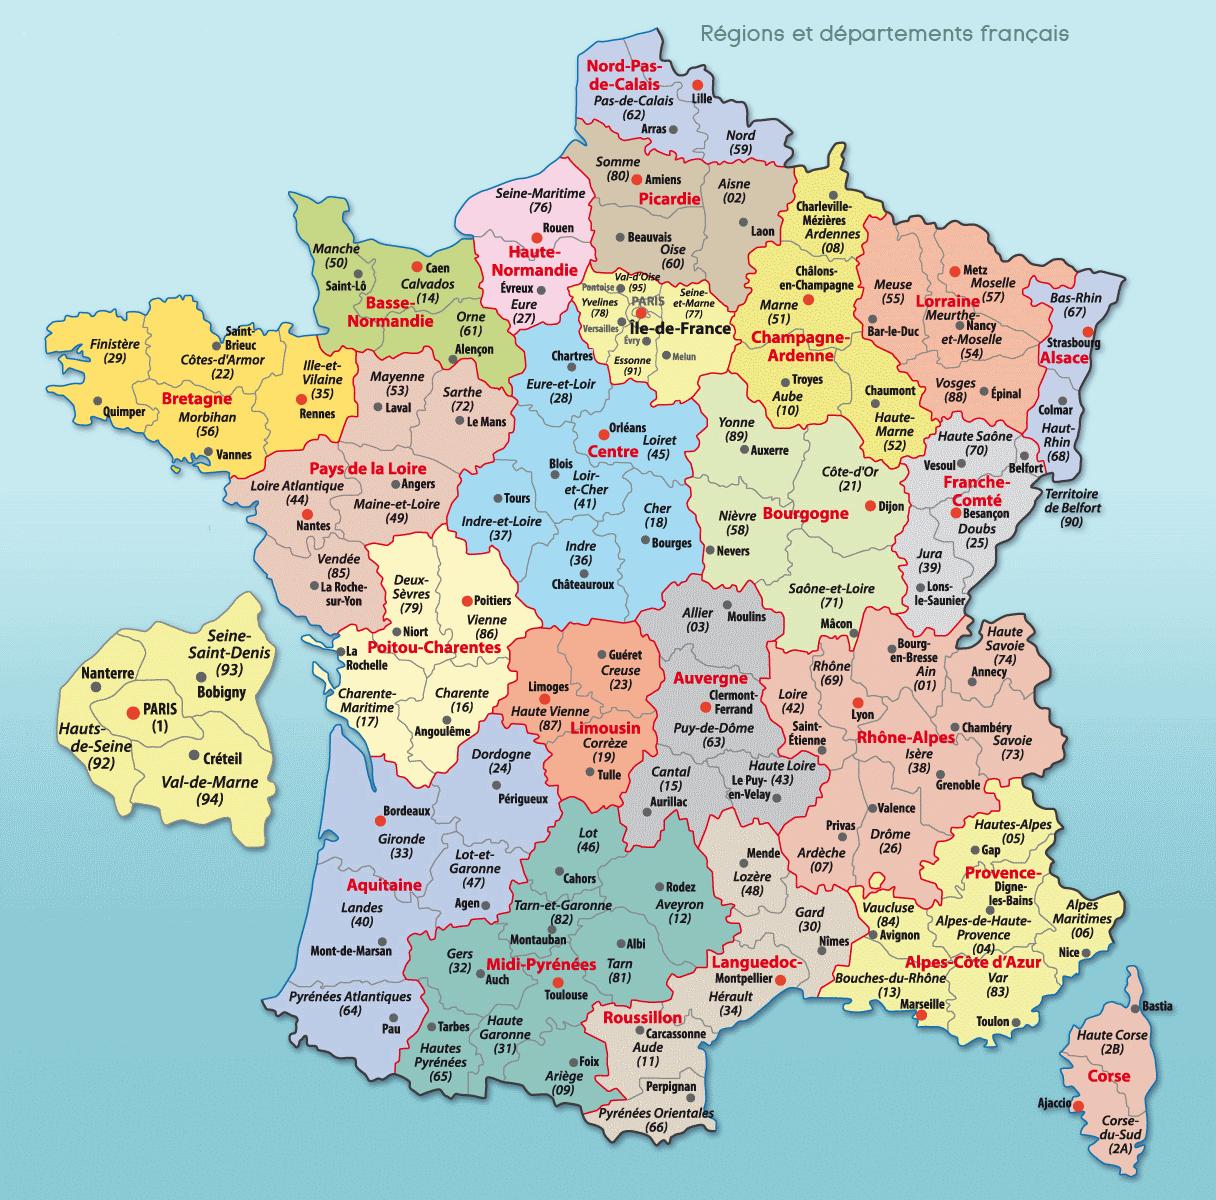 Carte France Villes : Carte Des Villes De France tout Carte De France Avec Les Départements